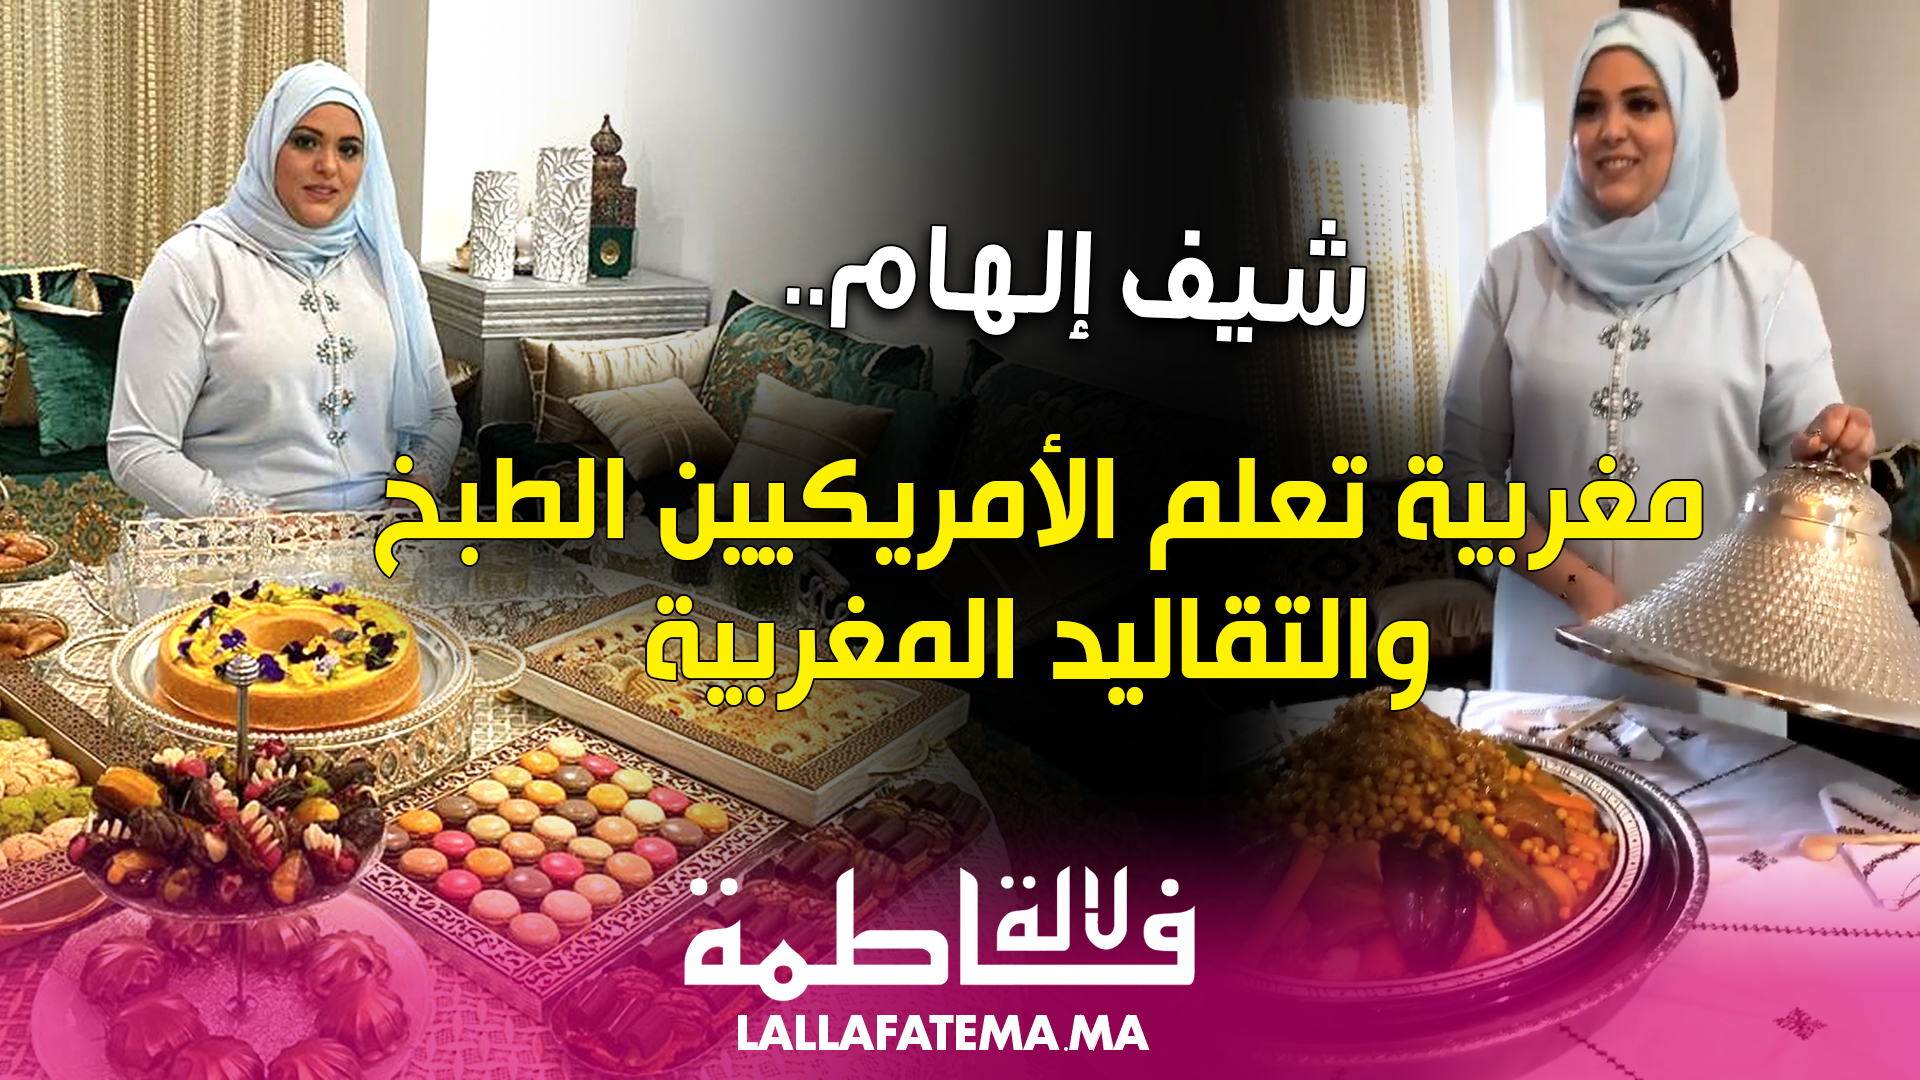 شيف إلهام…. مثال المرأة المغربية الناجحة في الولايات المتحدة الأمريكية (فيديو)